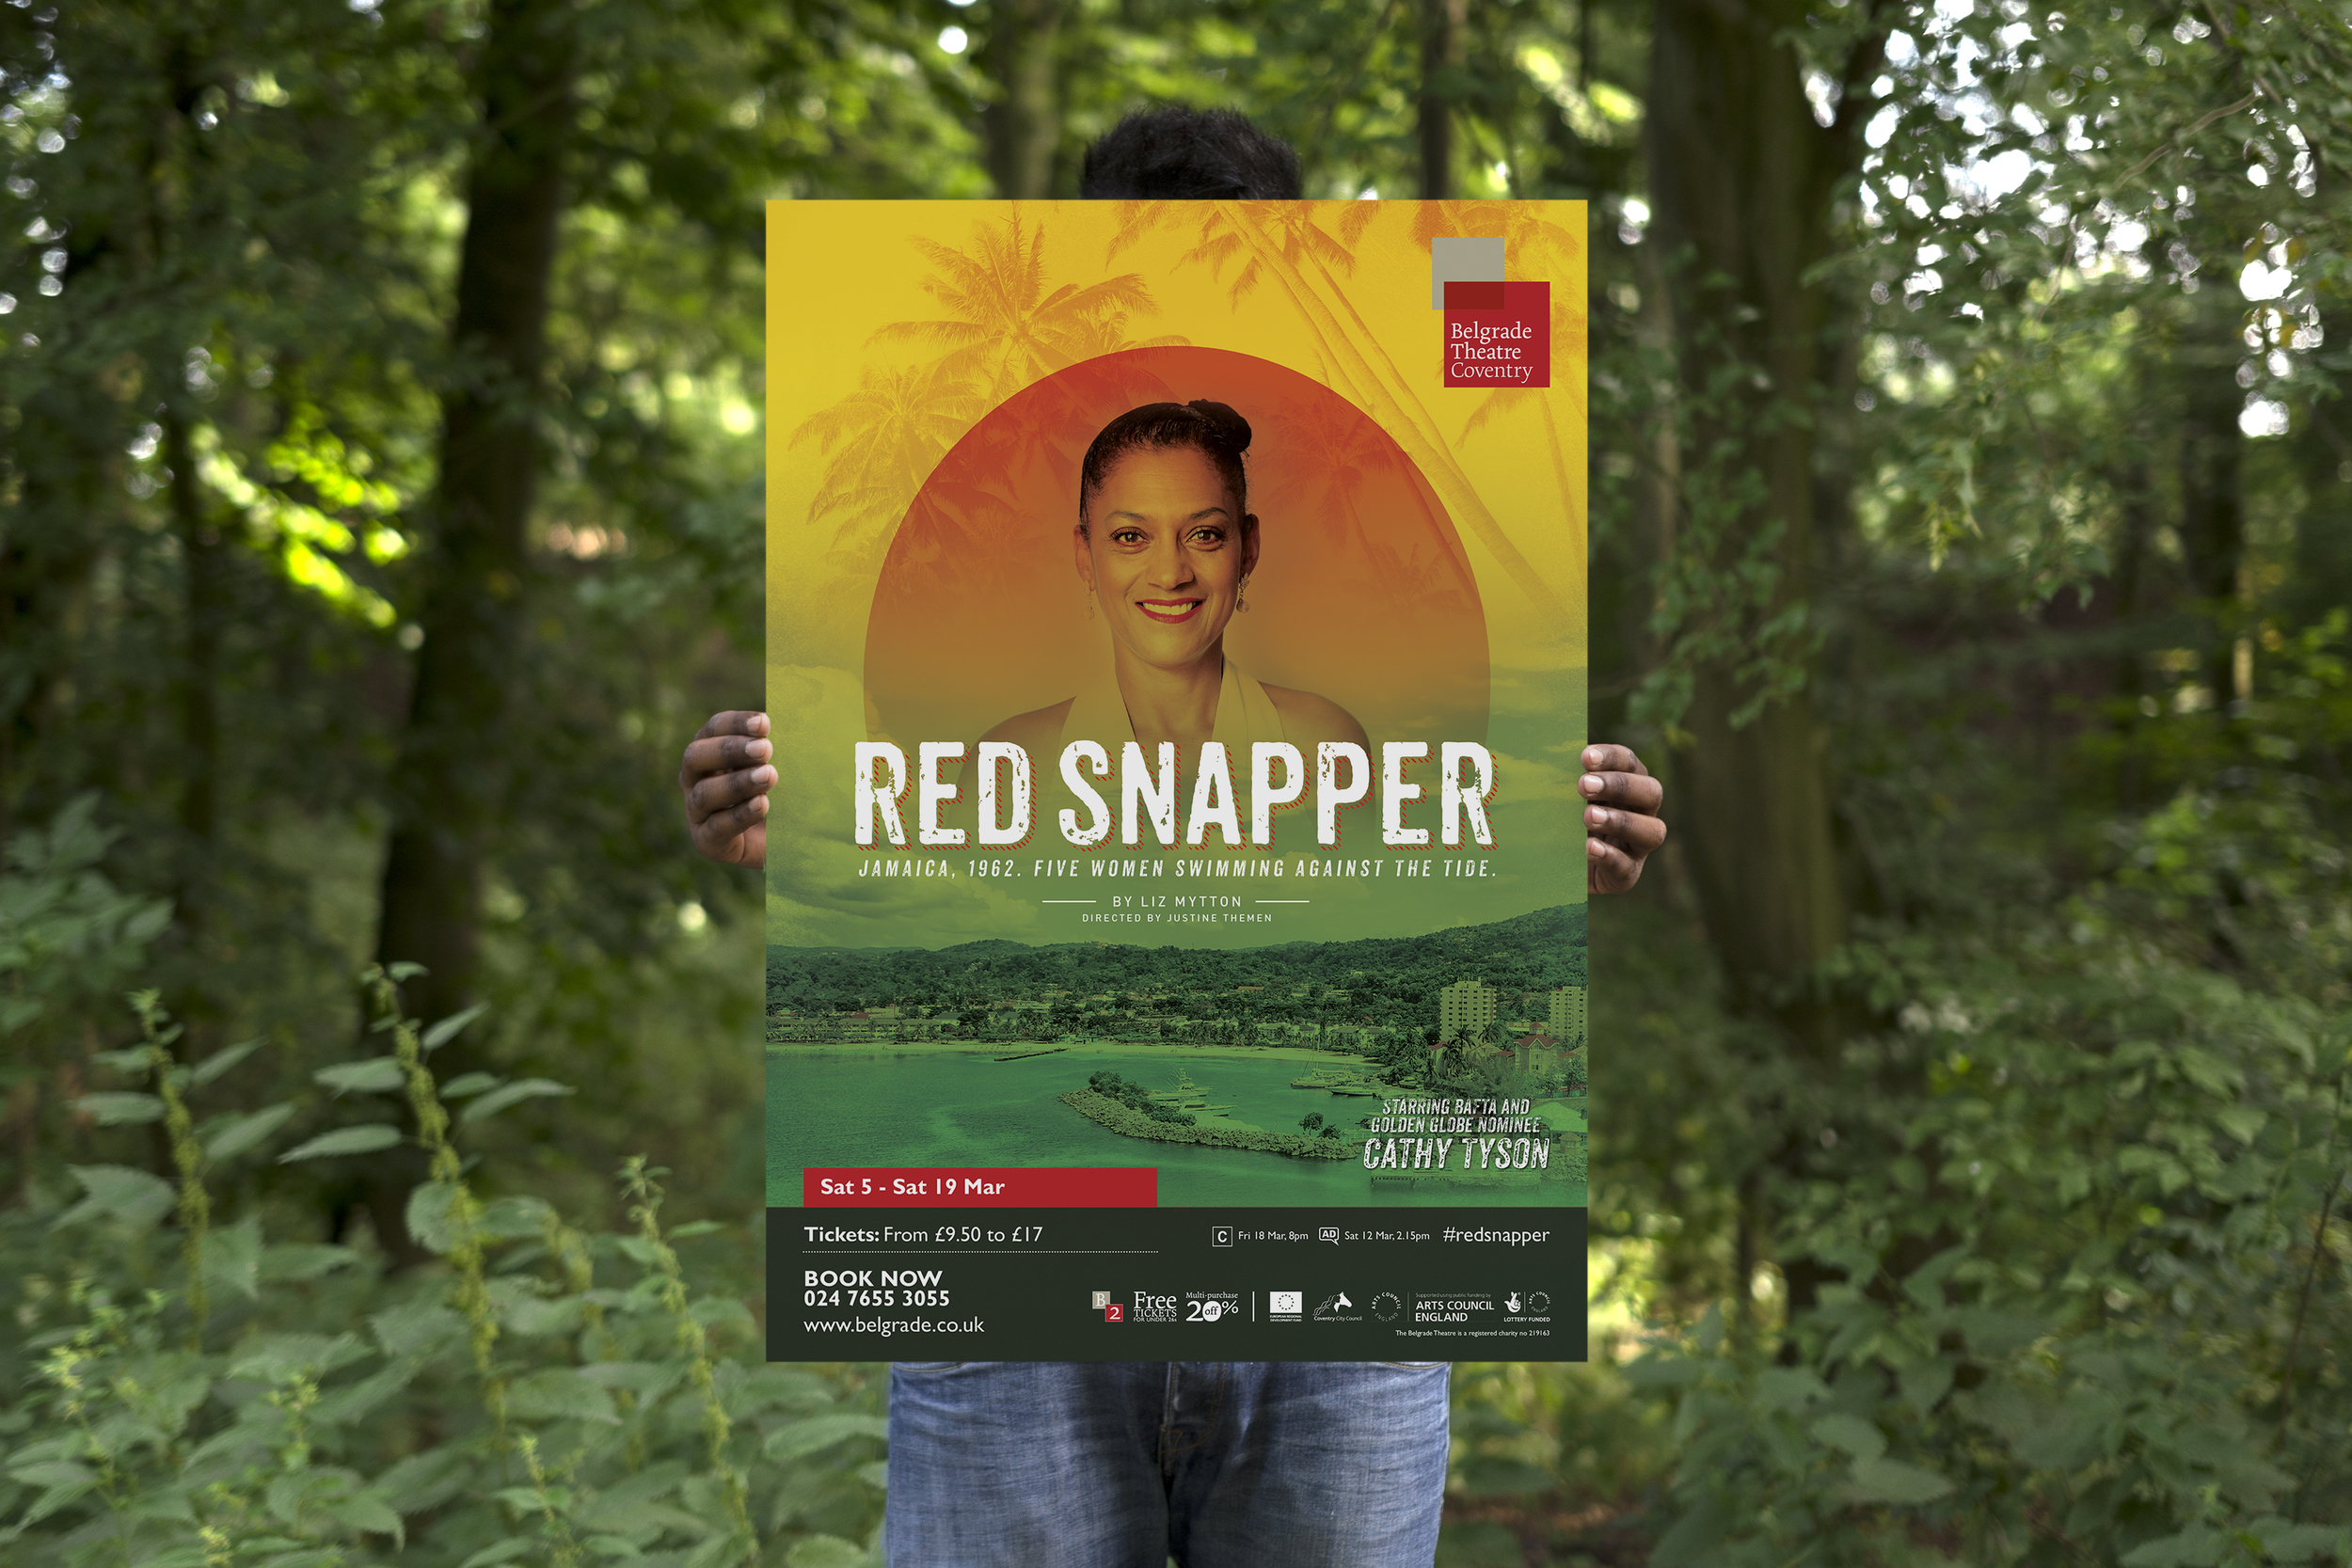 Red Snapper graphic design for Belgrade theatre